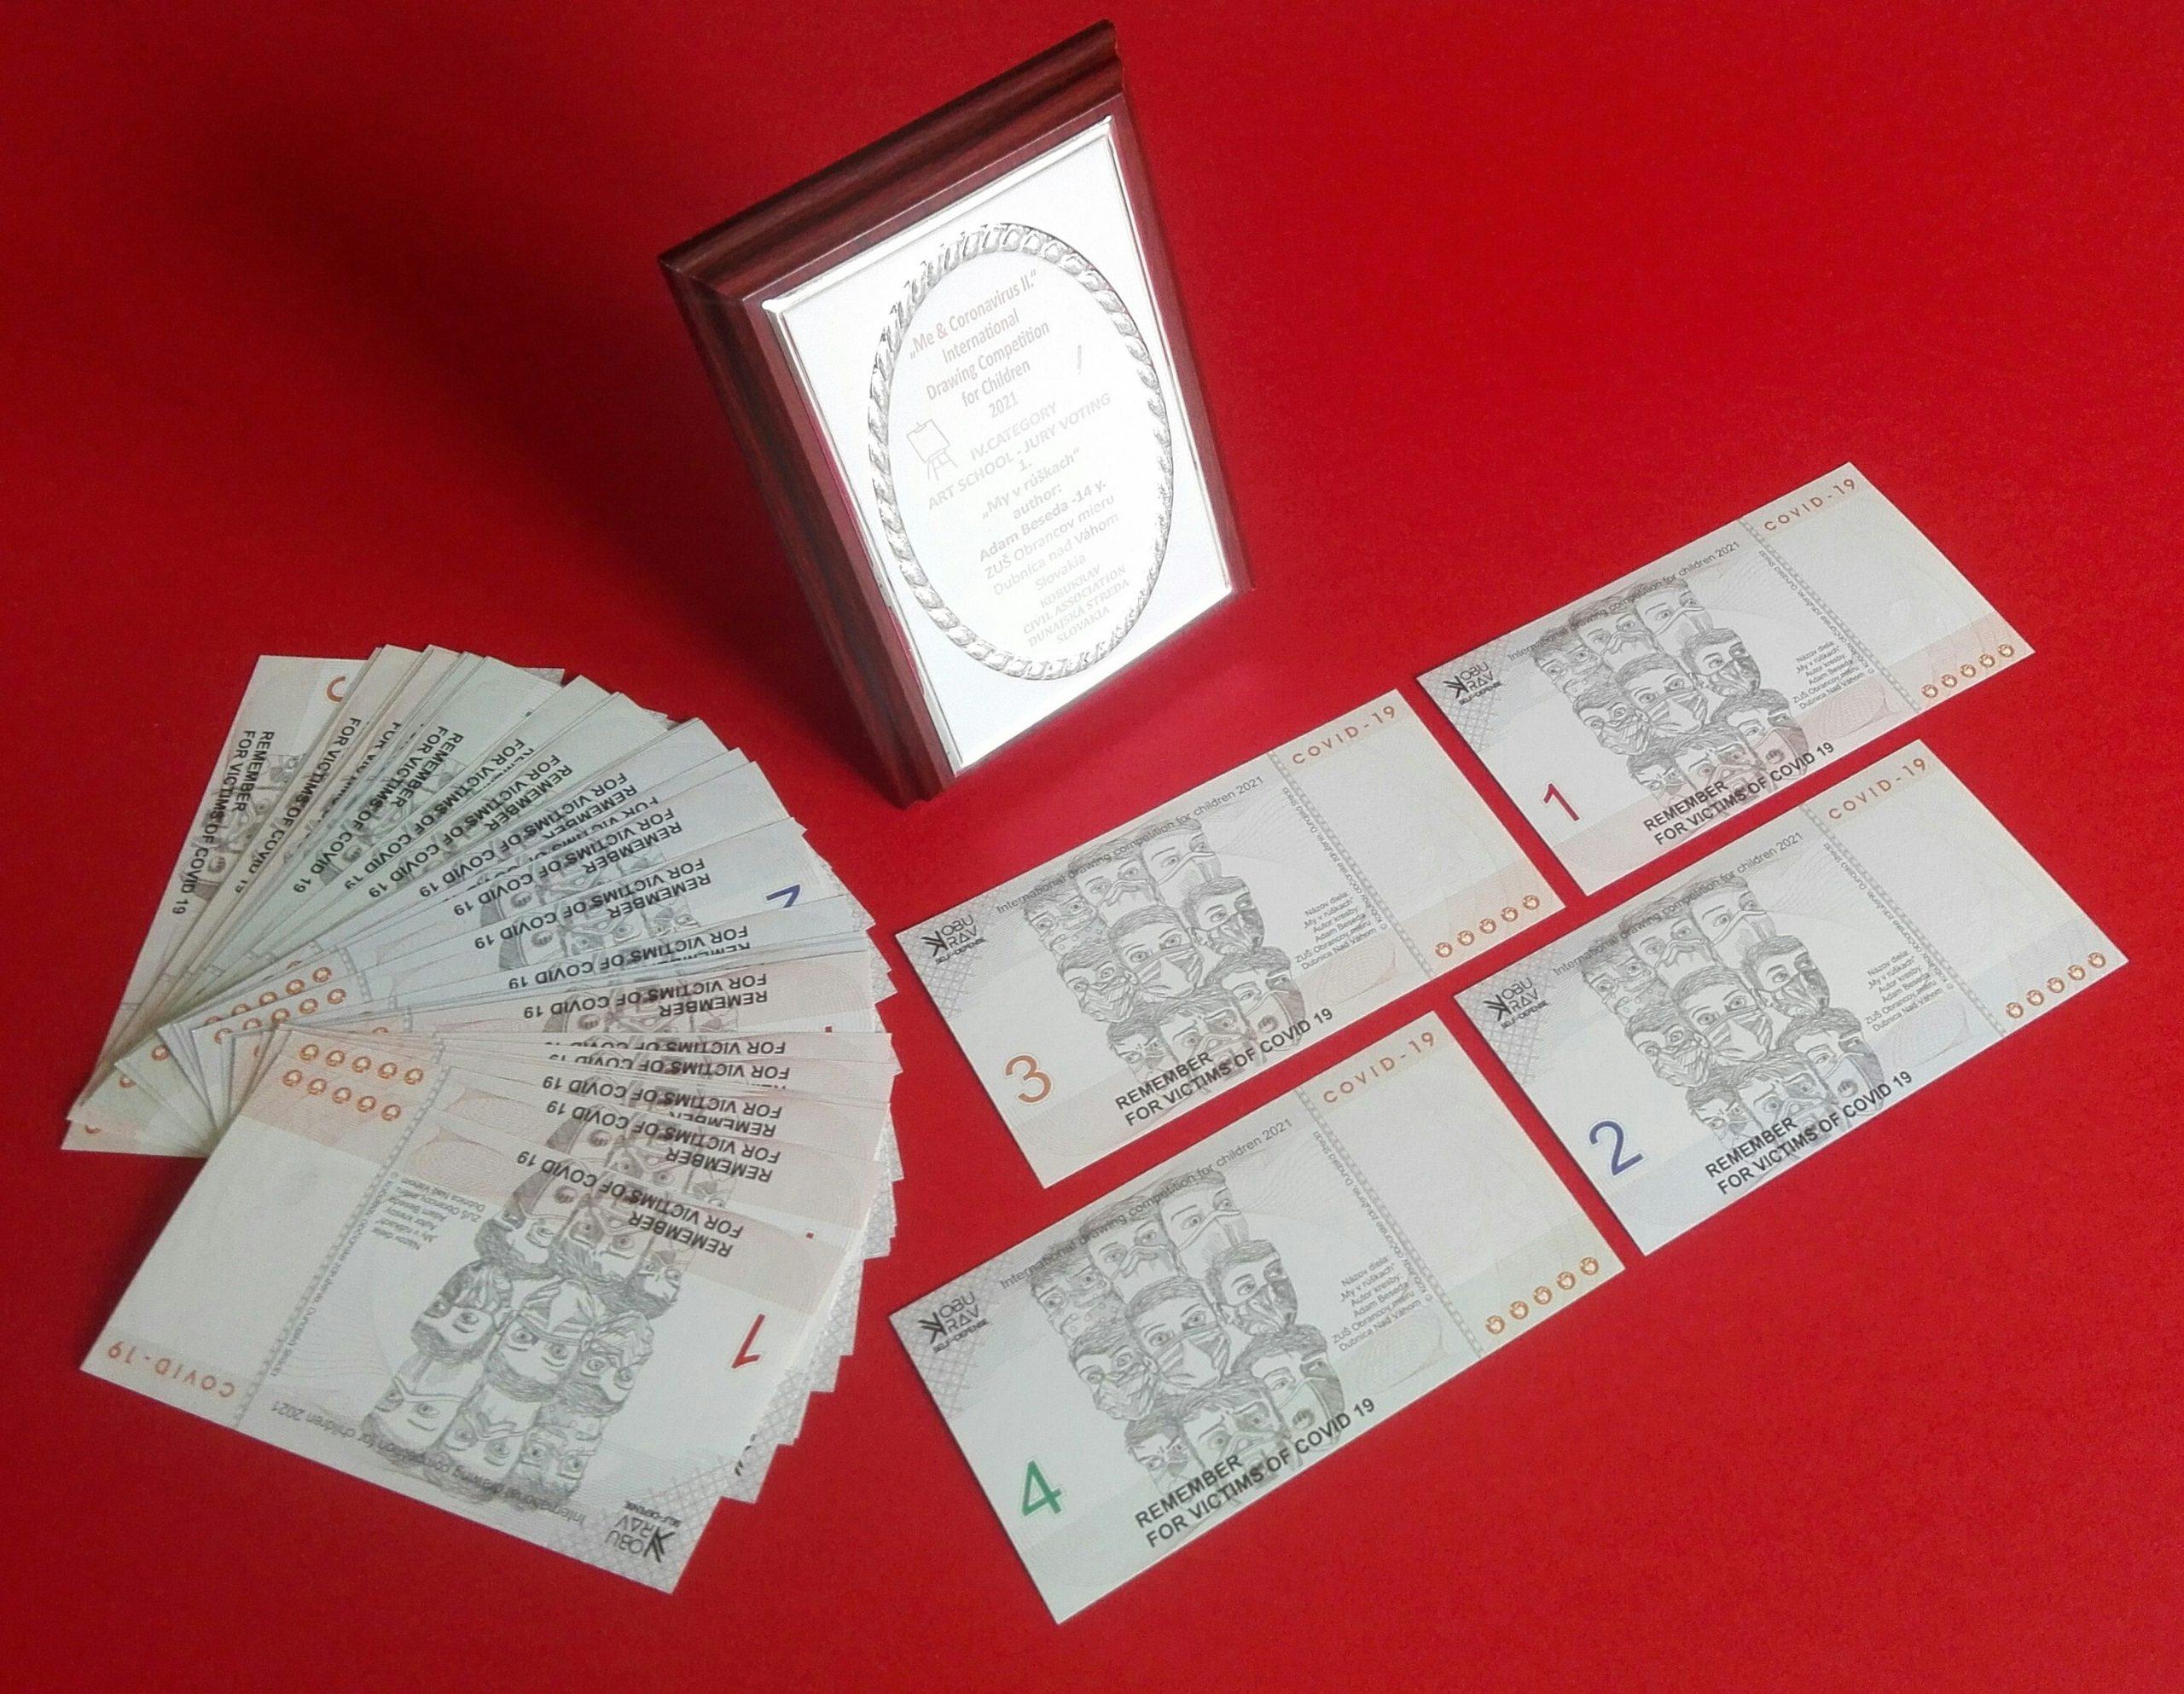 ZUŠ Dubnica nad Váhom, pamäné bankovka zo súťaže